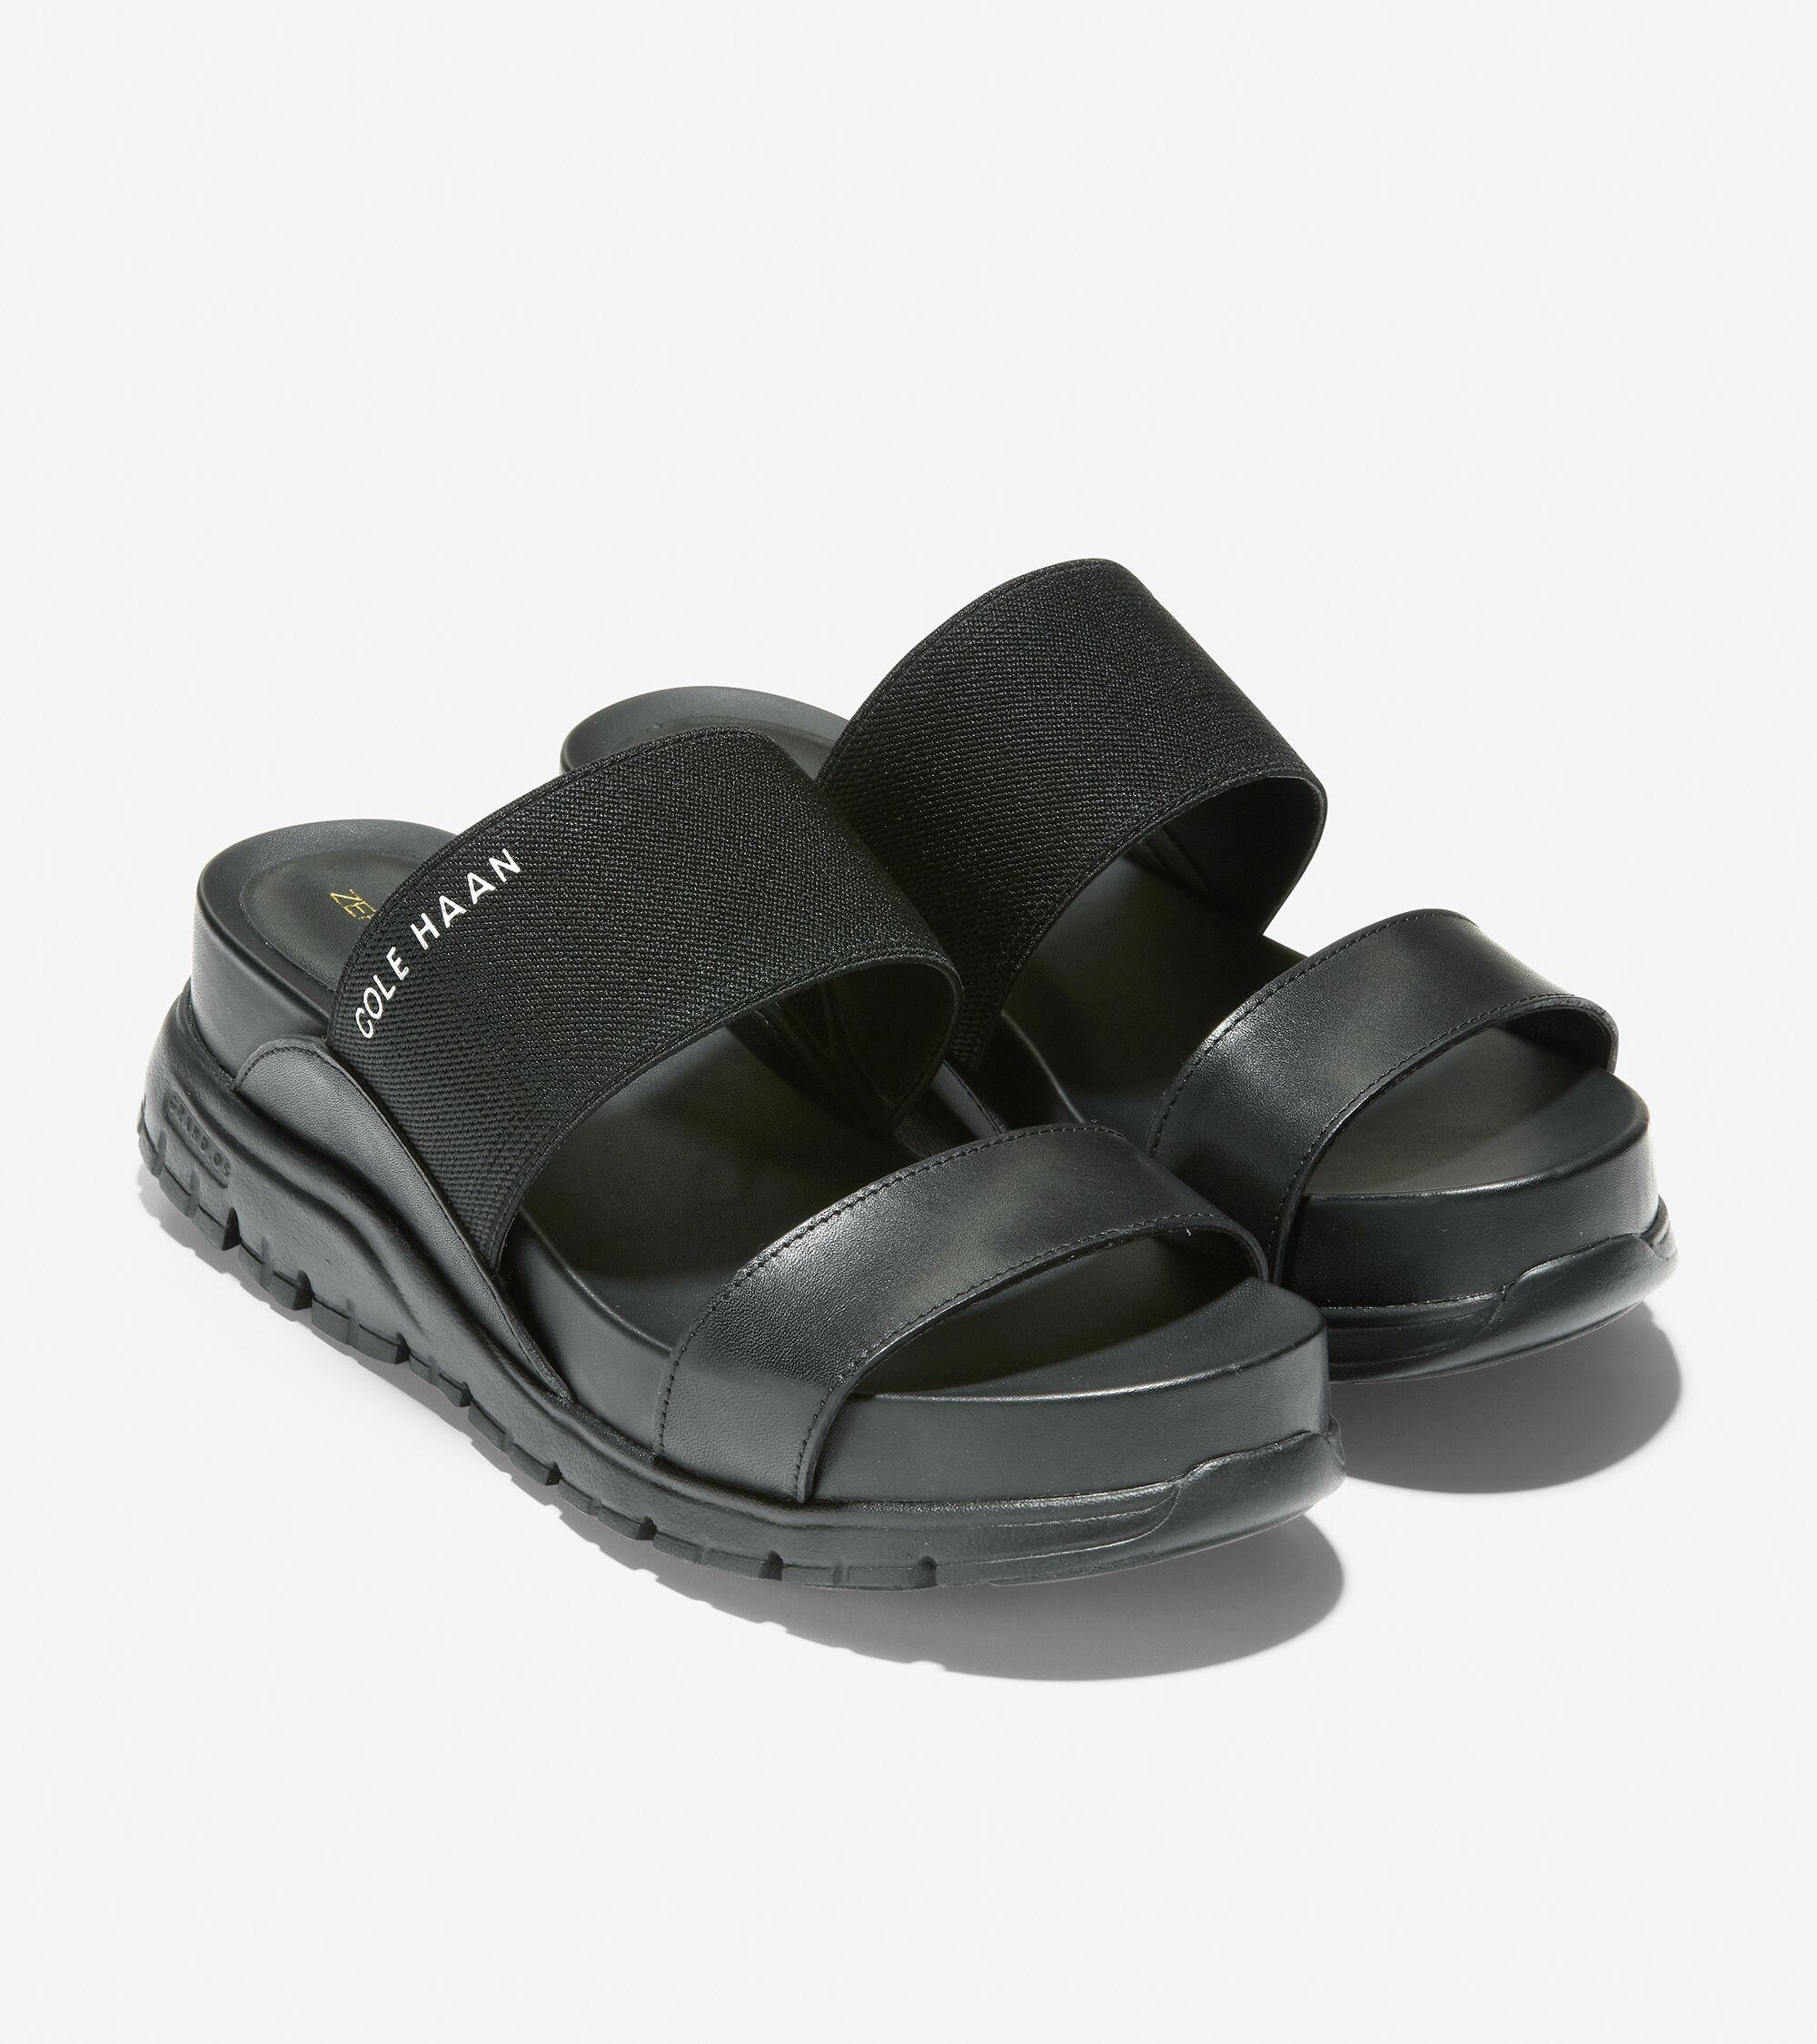 Double Band Slide Sandal